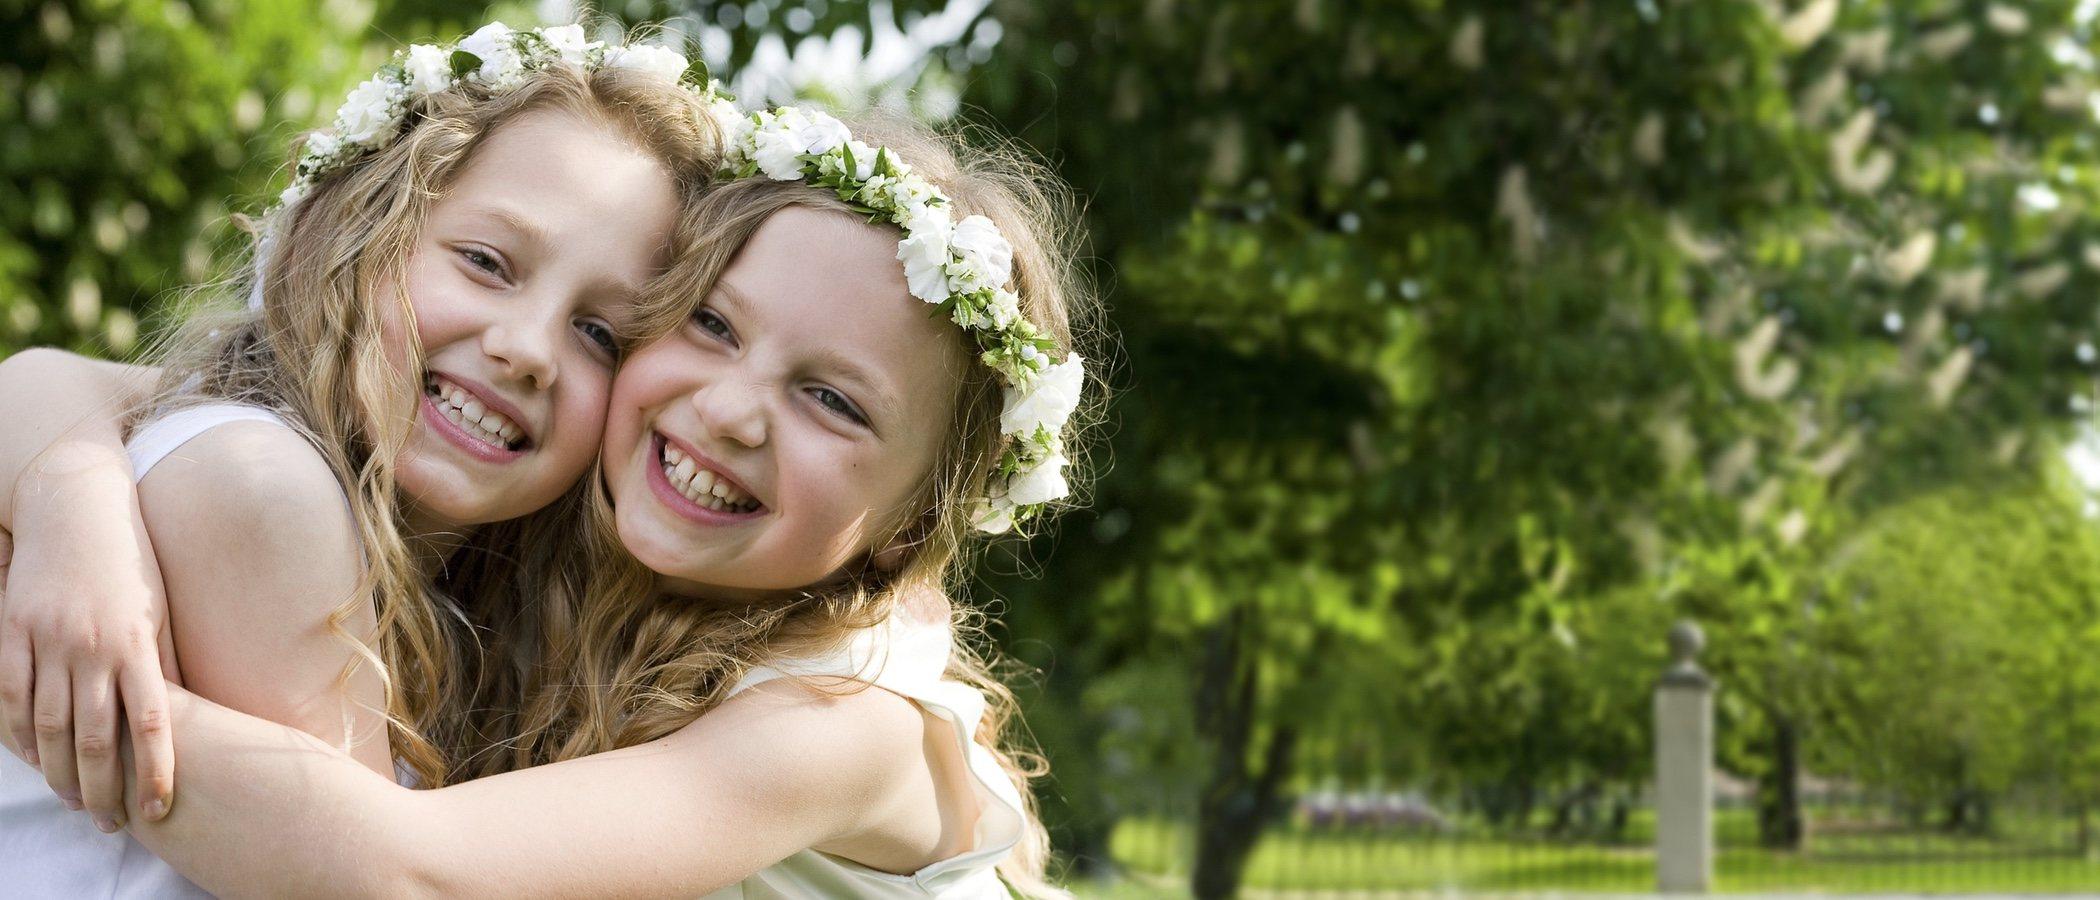 Peinados de comunión para niña: sugerencias e ideas